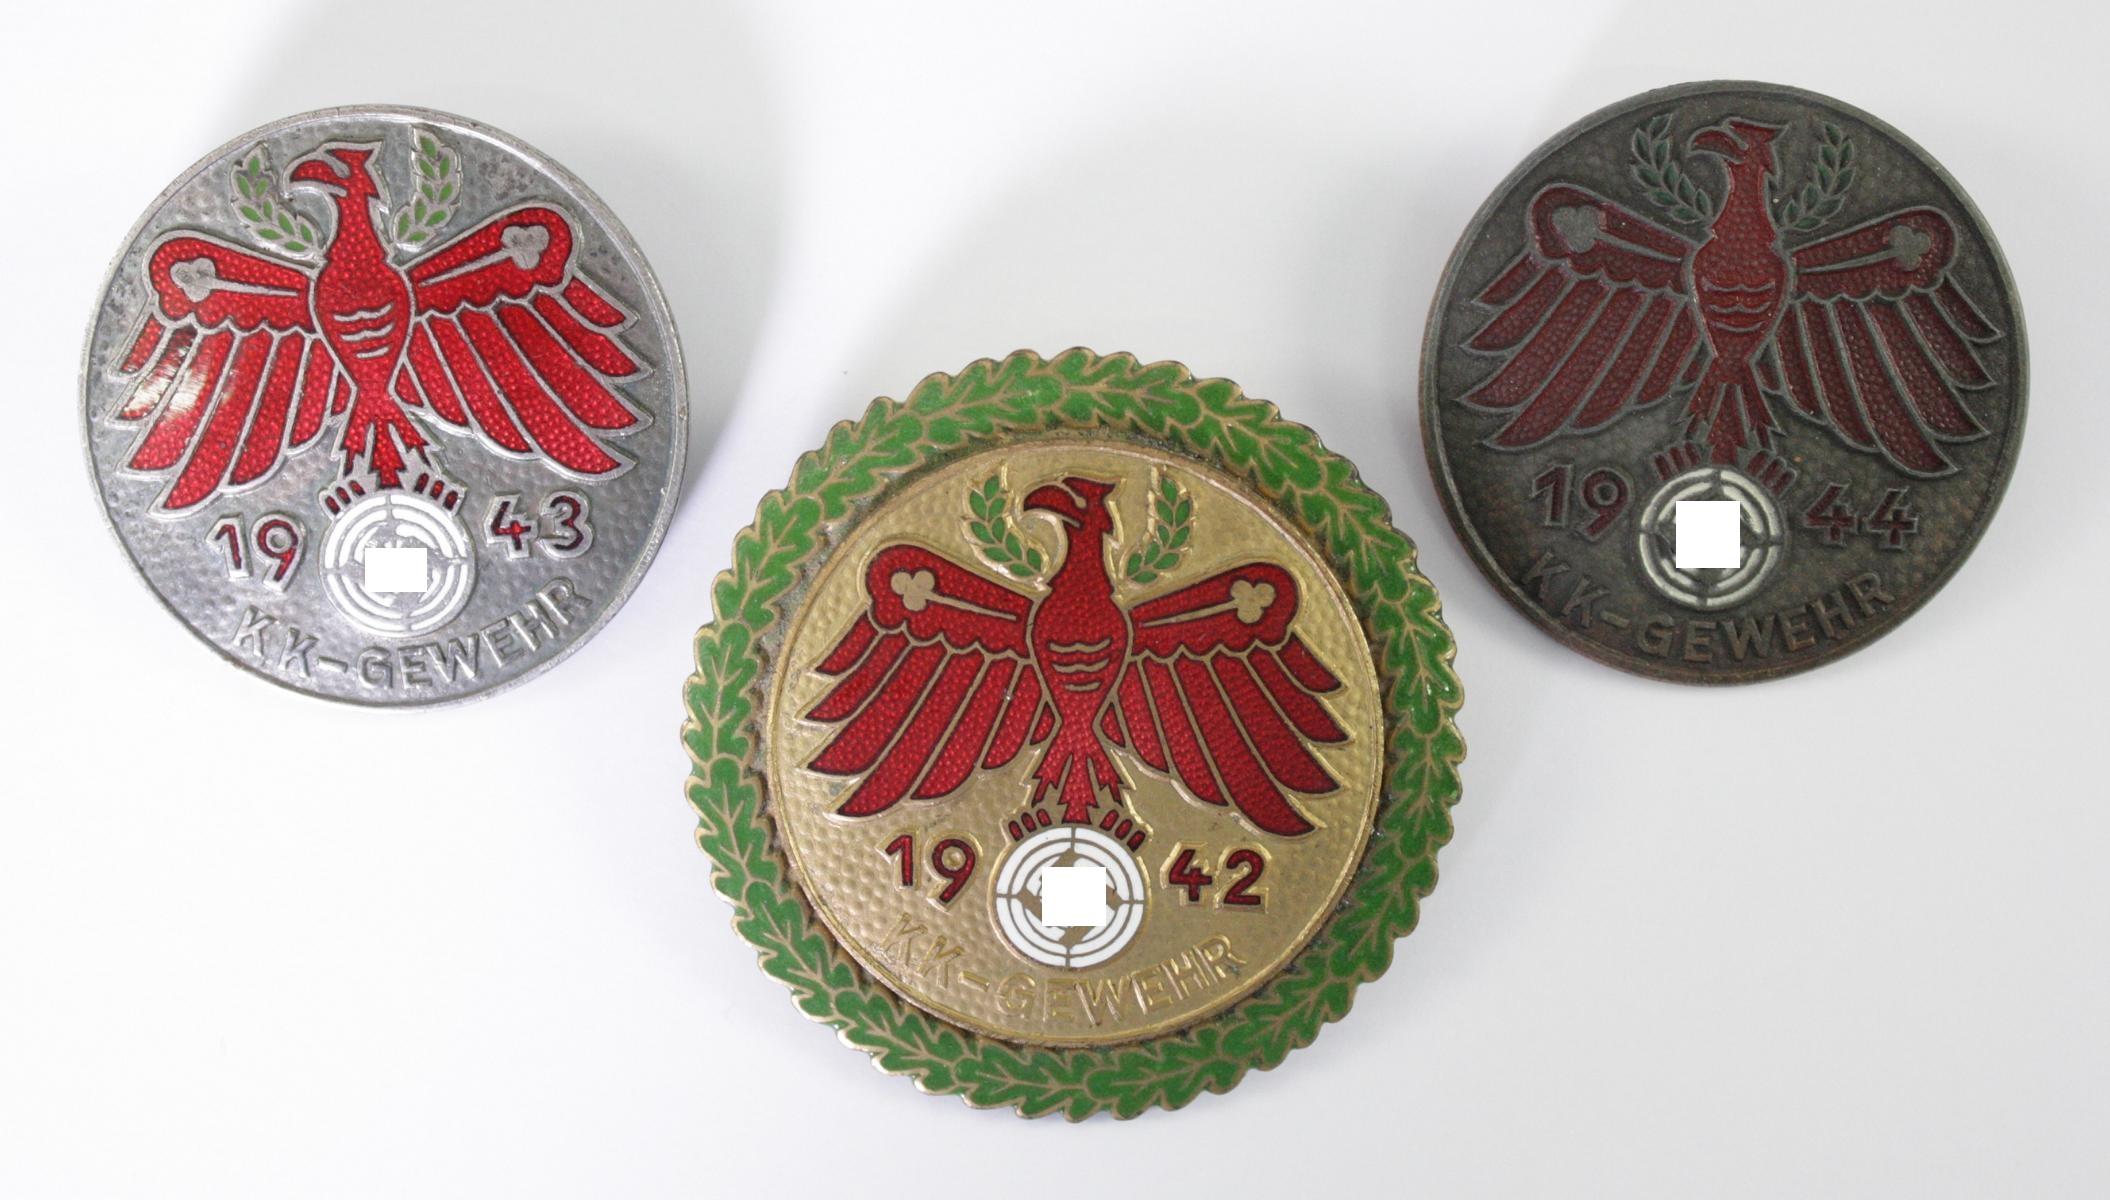 3x Standschützen, Schieß-Abzeichen Tirol KK-Gewehr